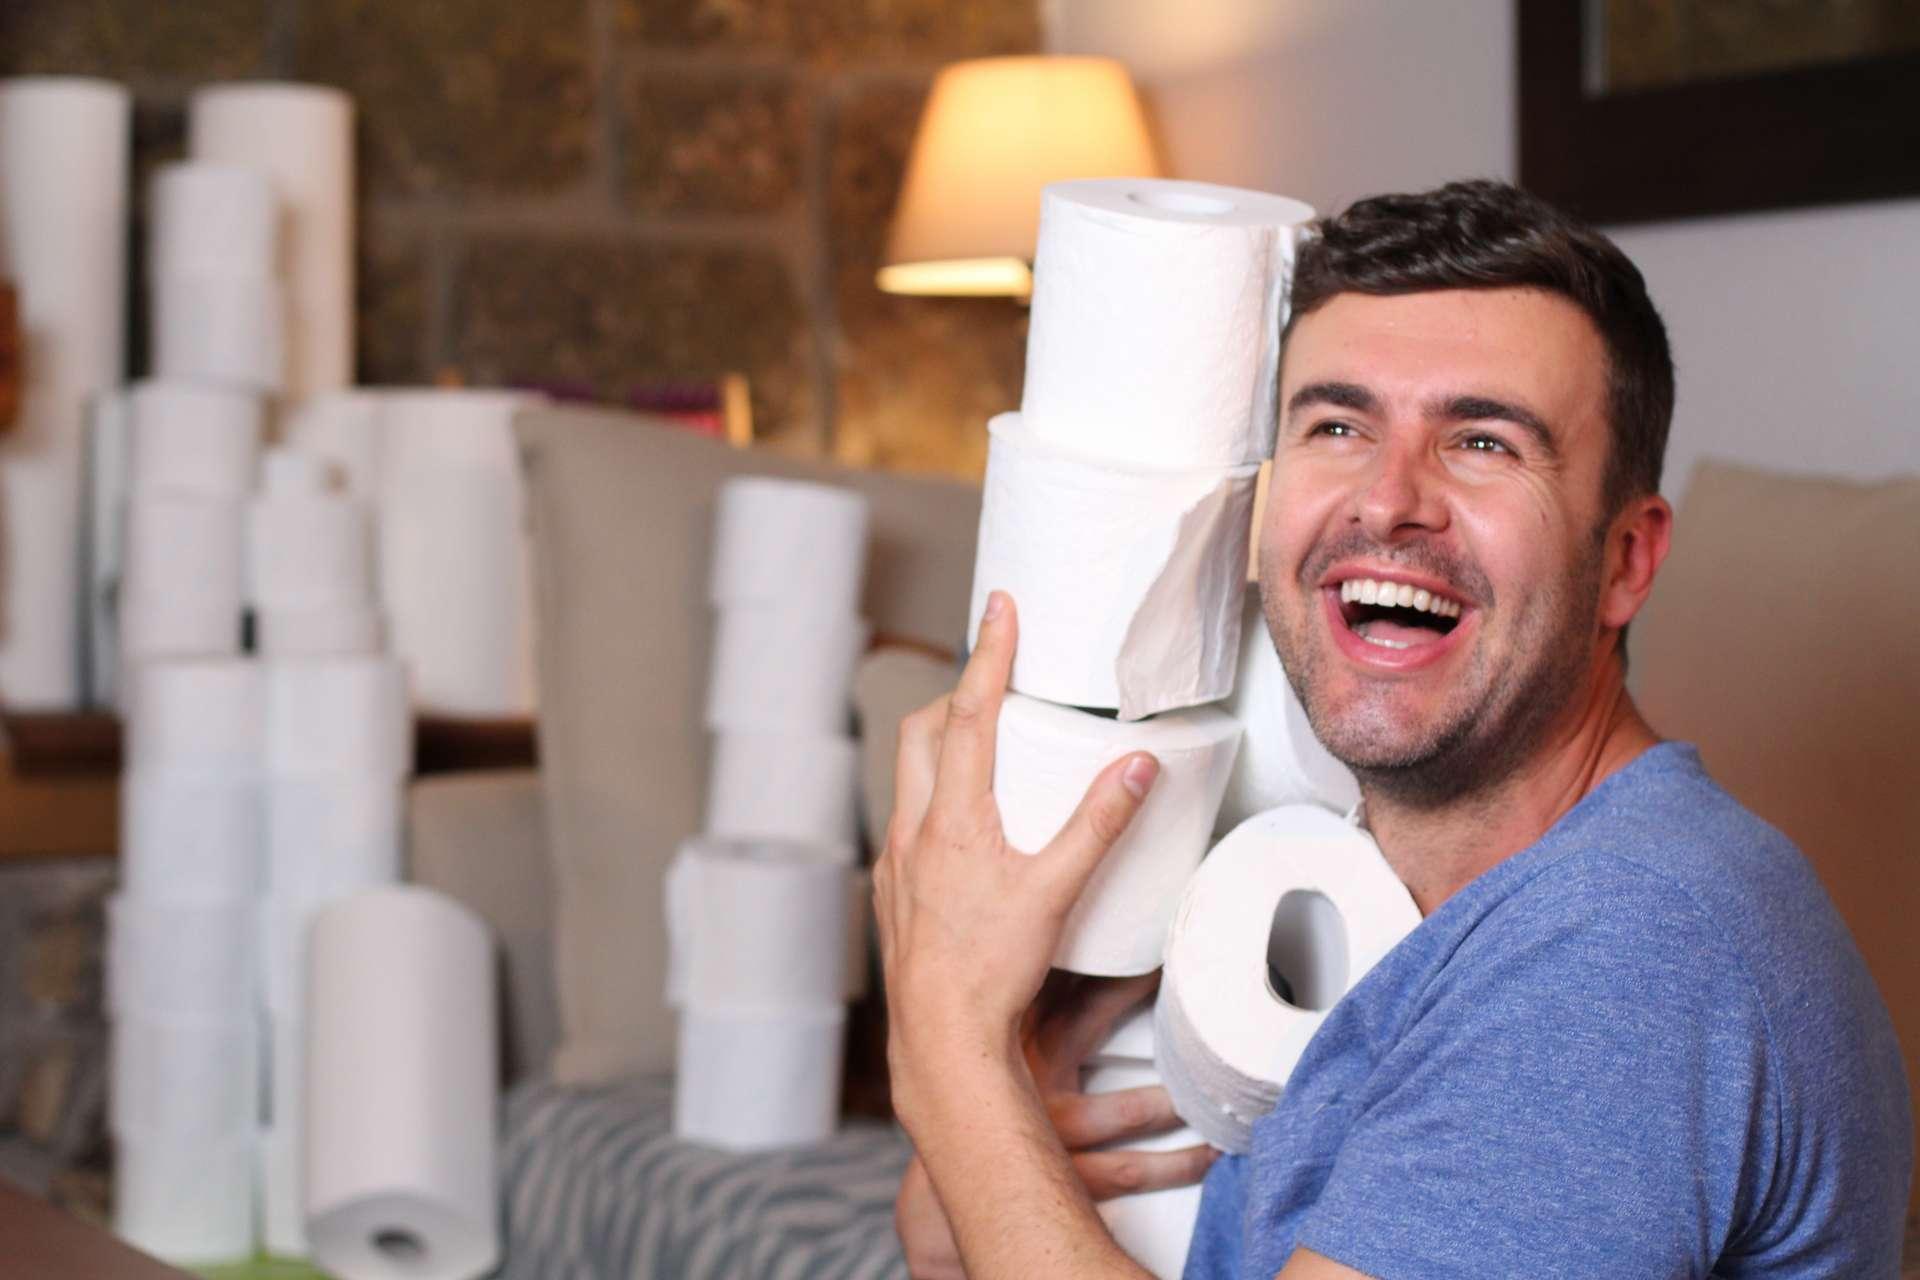 Les mesures de confinement semblent pousser les personnes concernées à l'achat massif de papier toilette. © Ajr_images, Adobe Stock